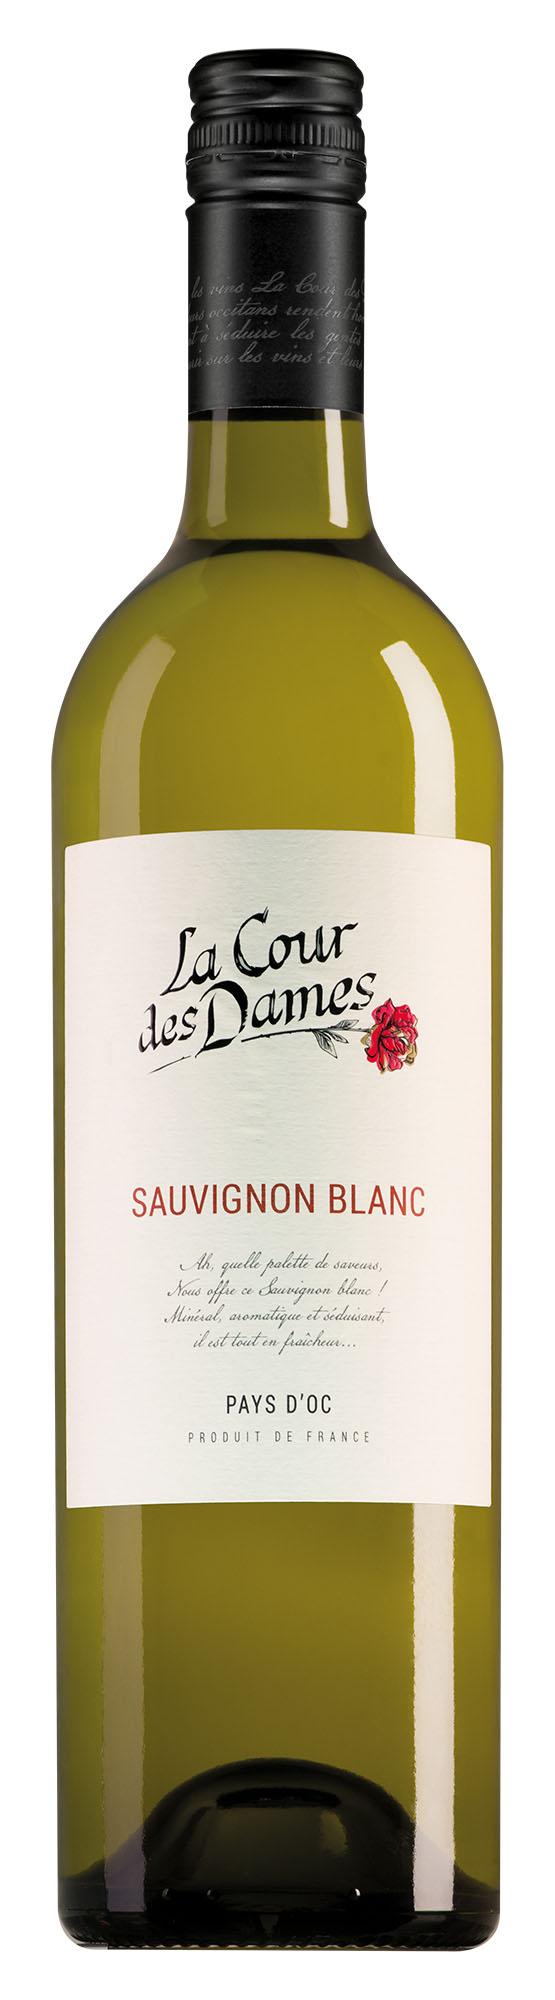 La Cour des Dames Pays d'Oc Sauvignon Blanc